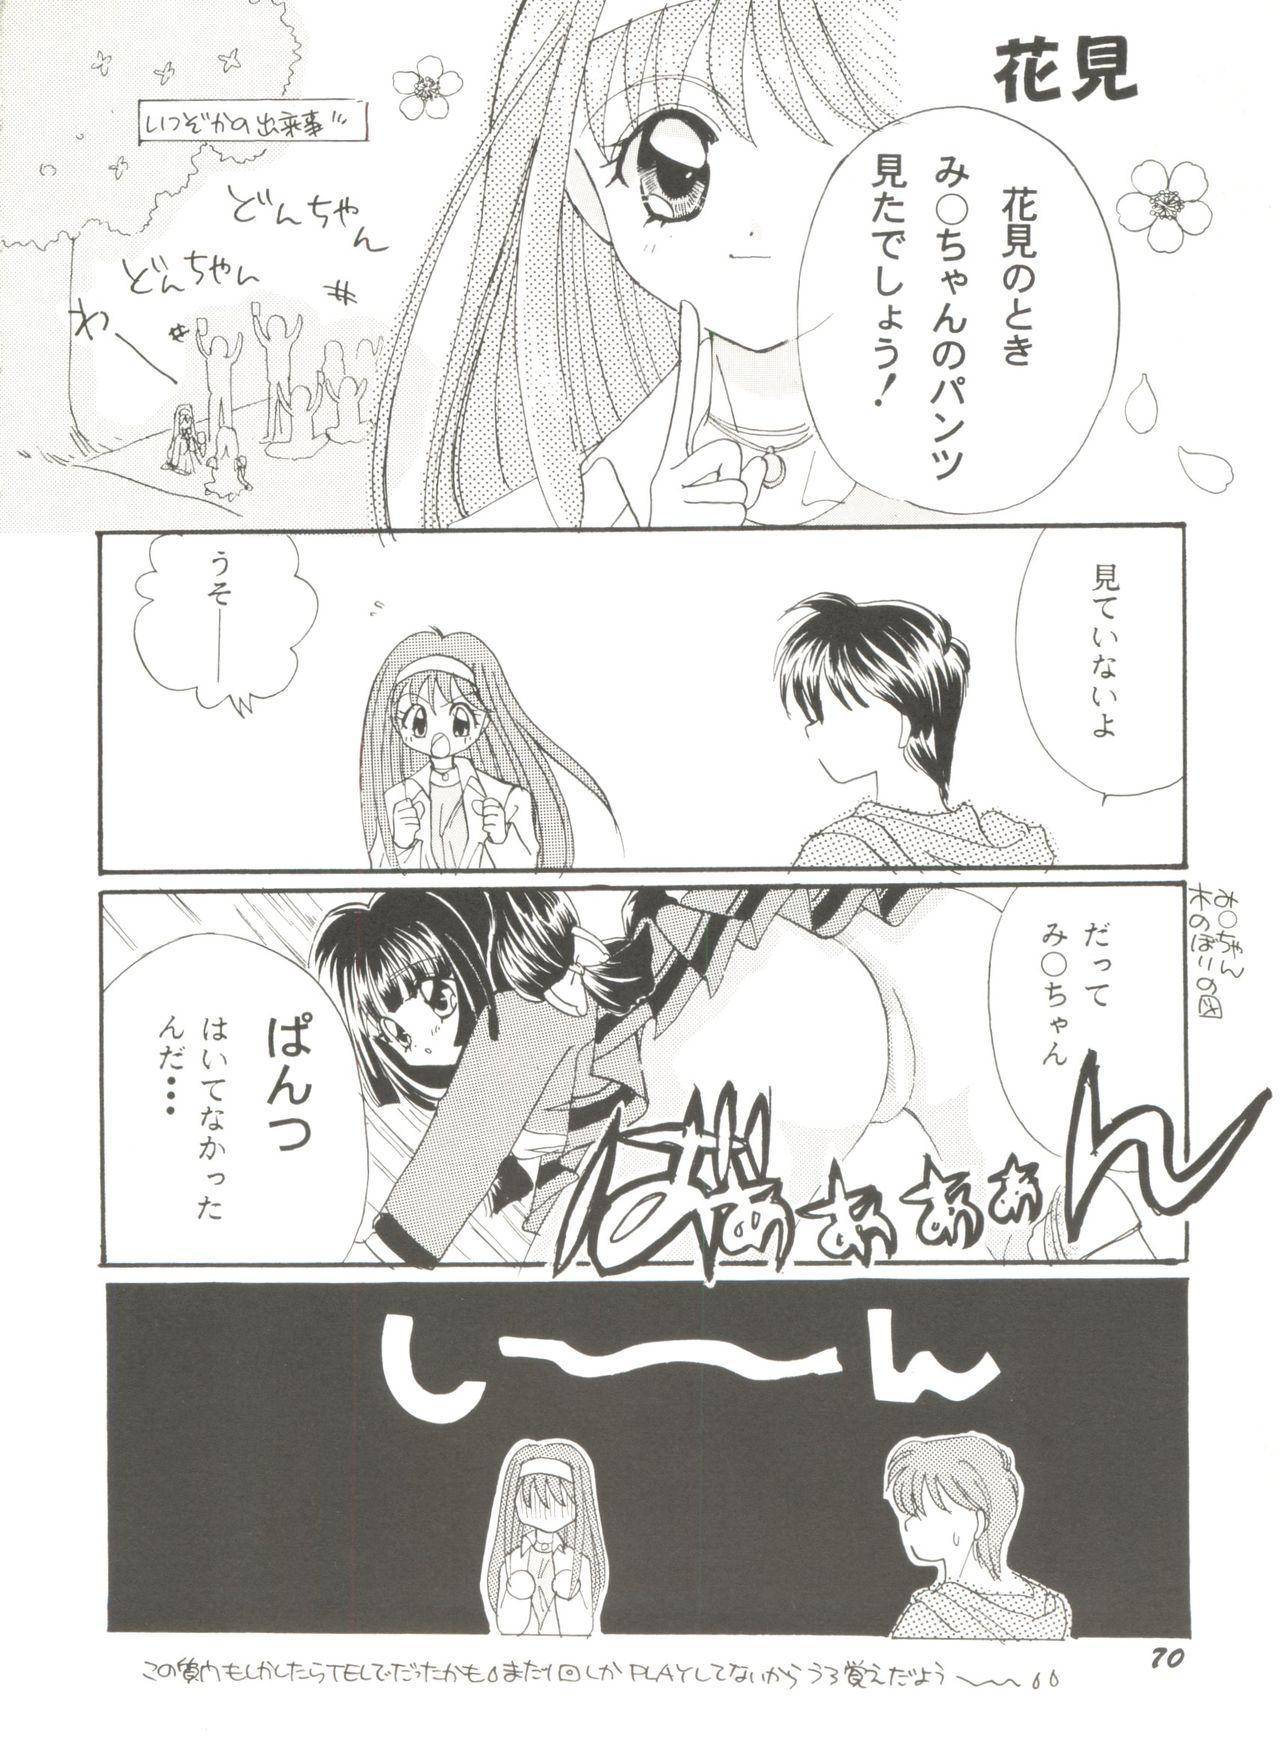 Doujin Anthology Bishoujo a La Carte 6 73